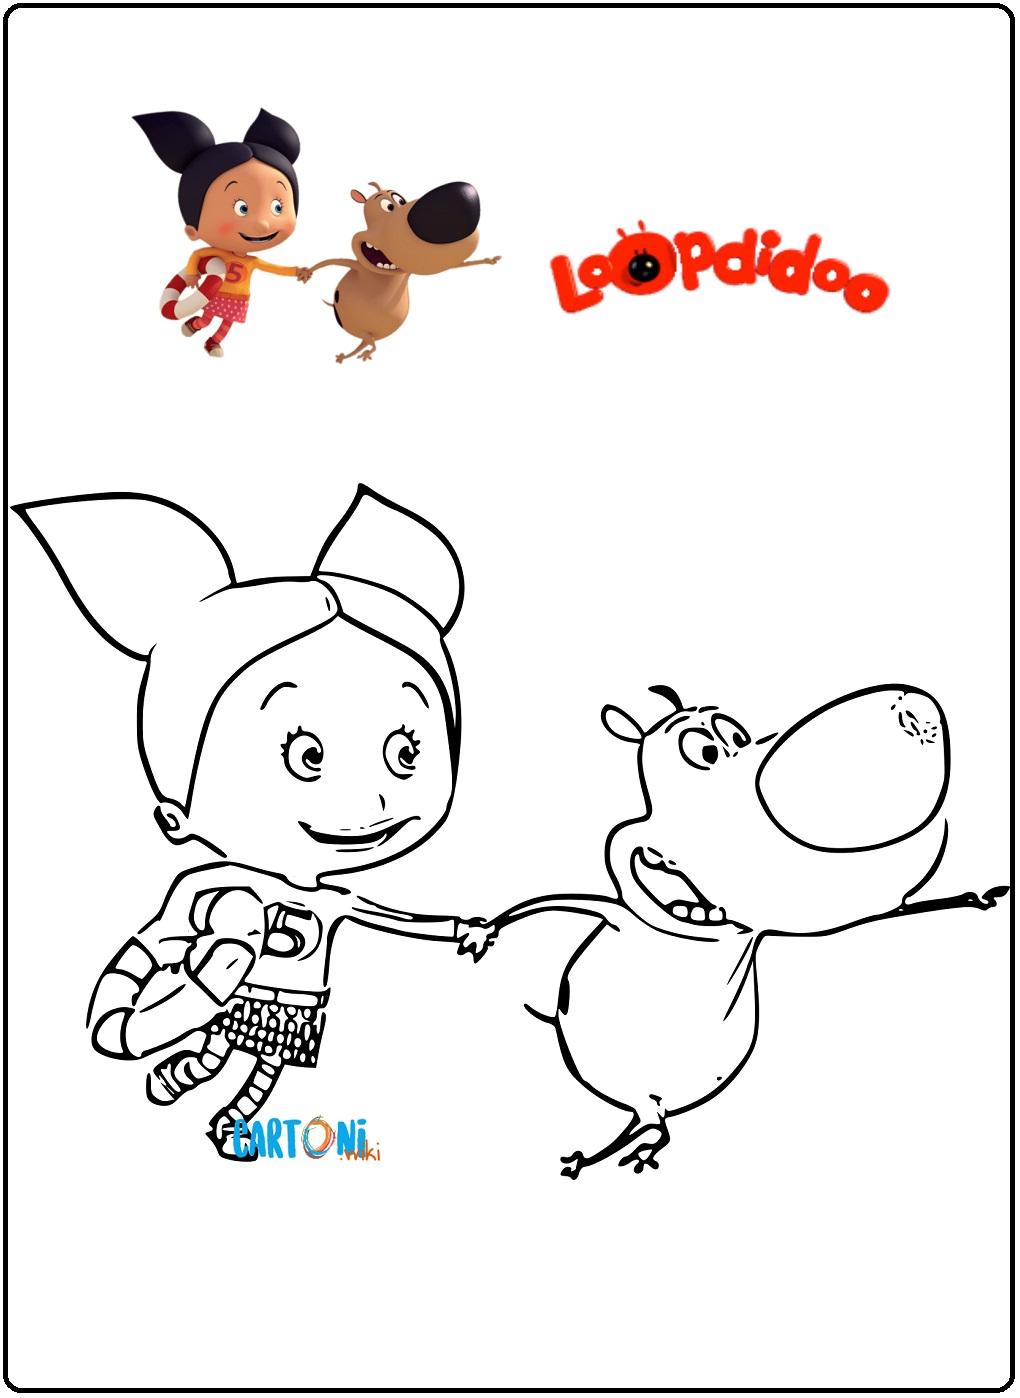 Disegni Loopdidoo - Disegni da colorare